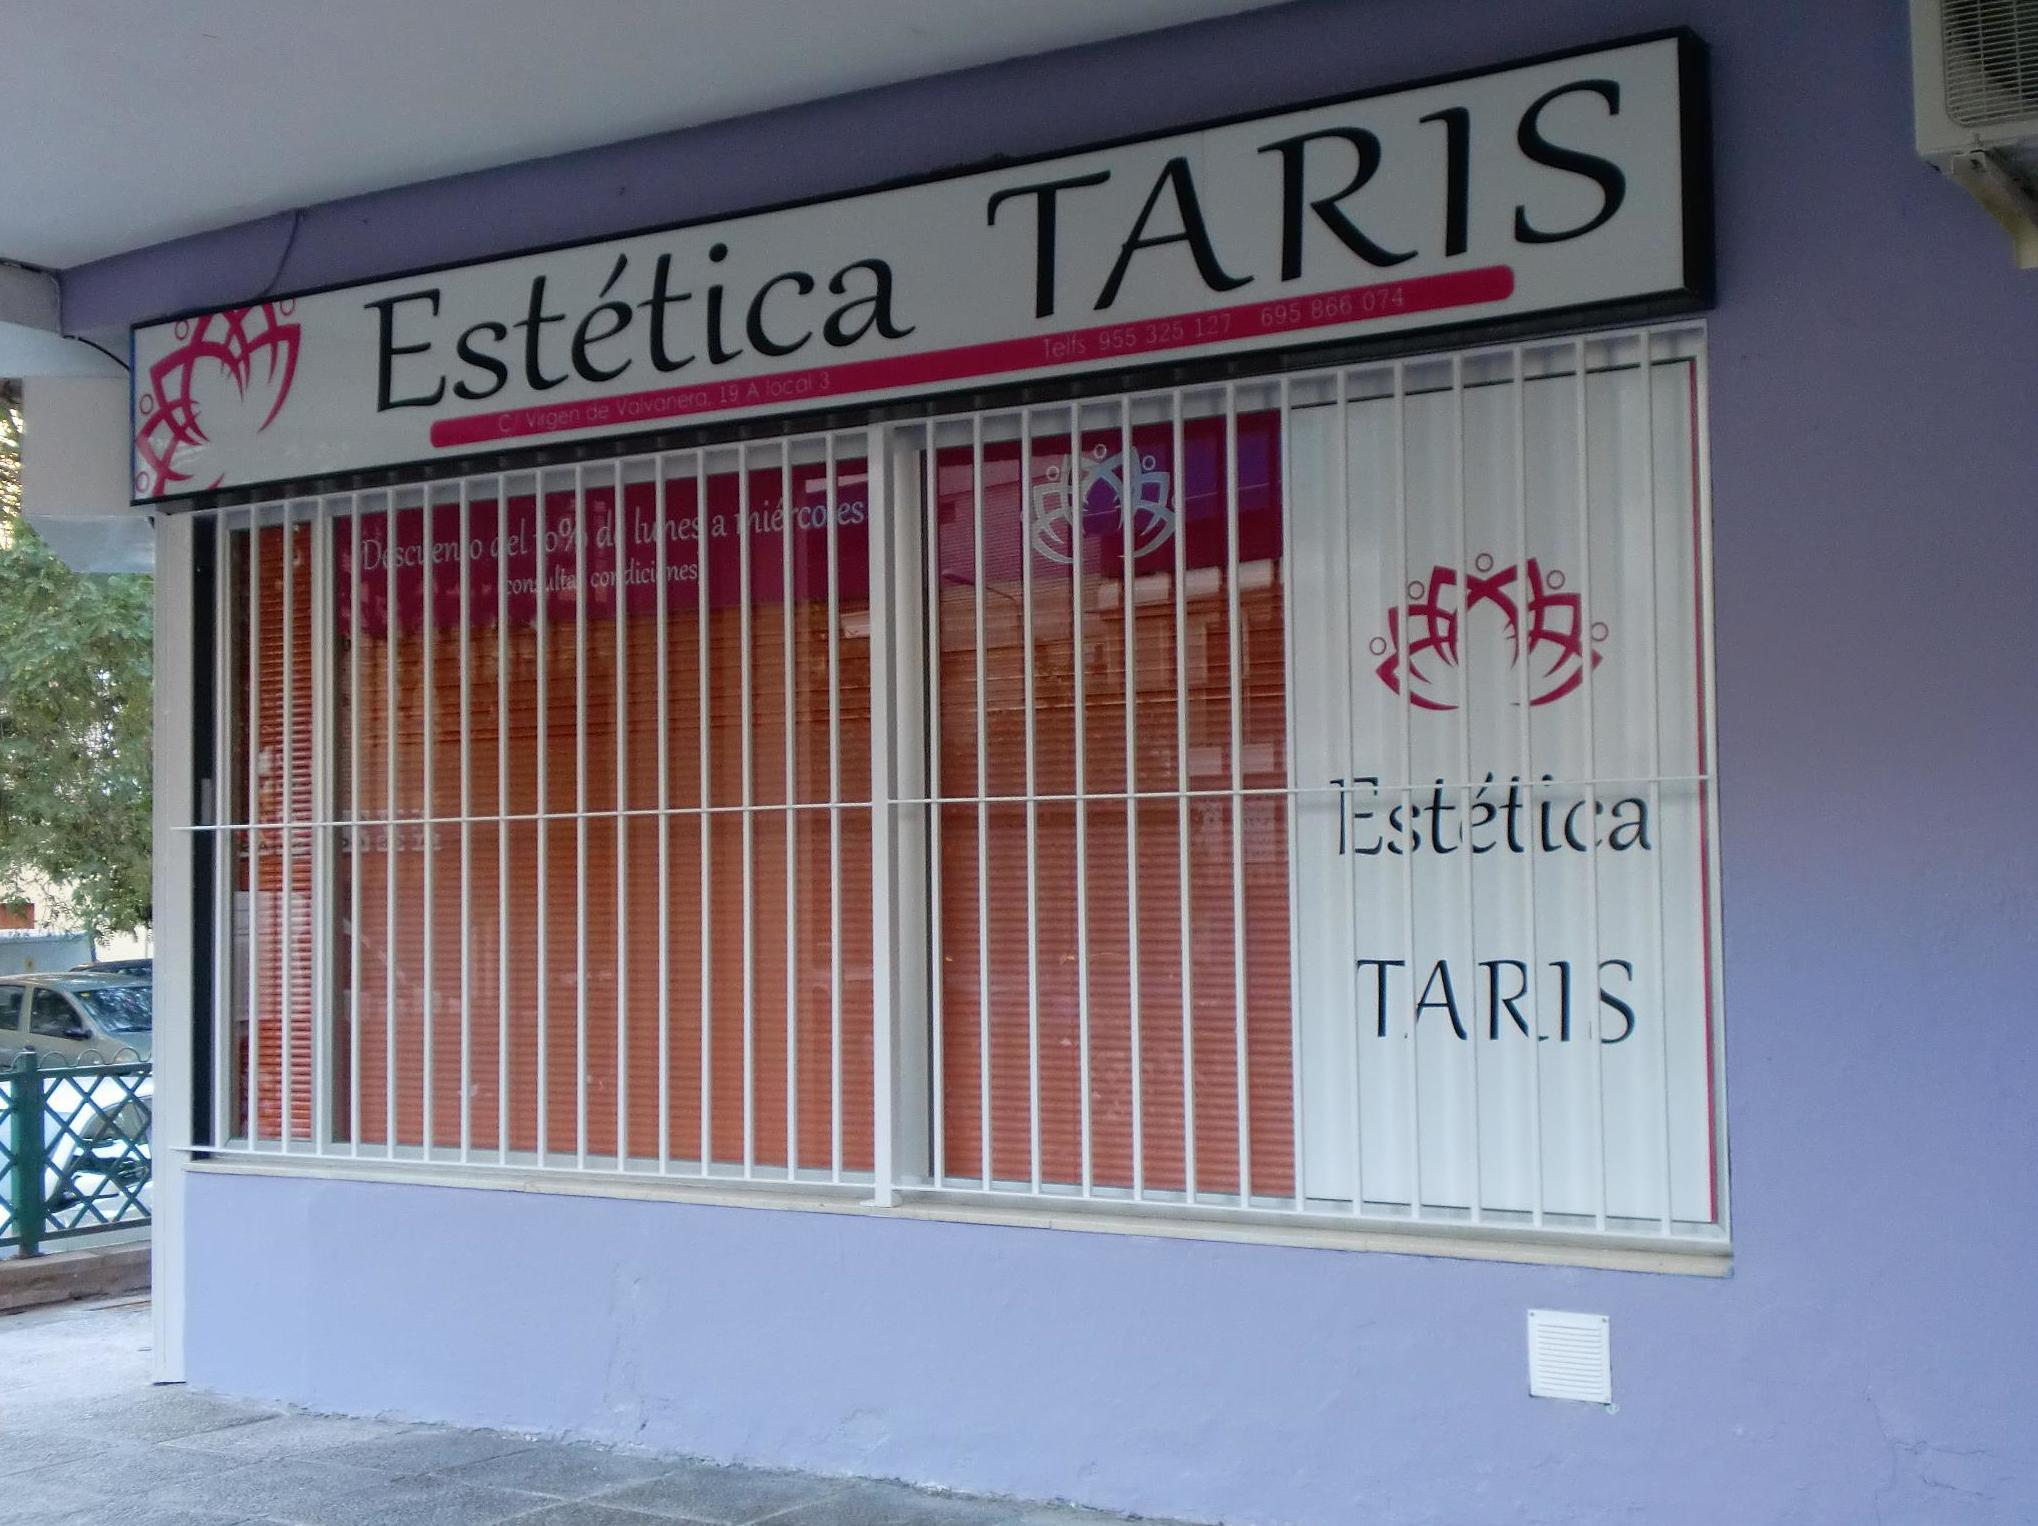 Centro de estética Taris. Sevilla